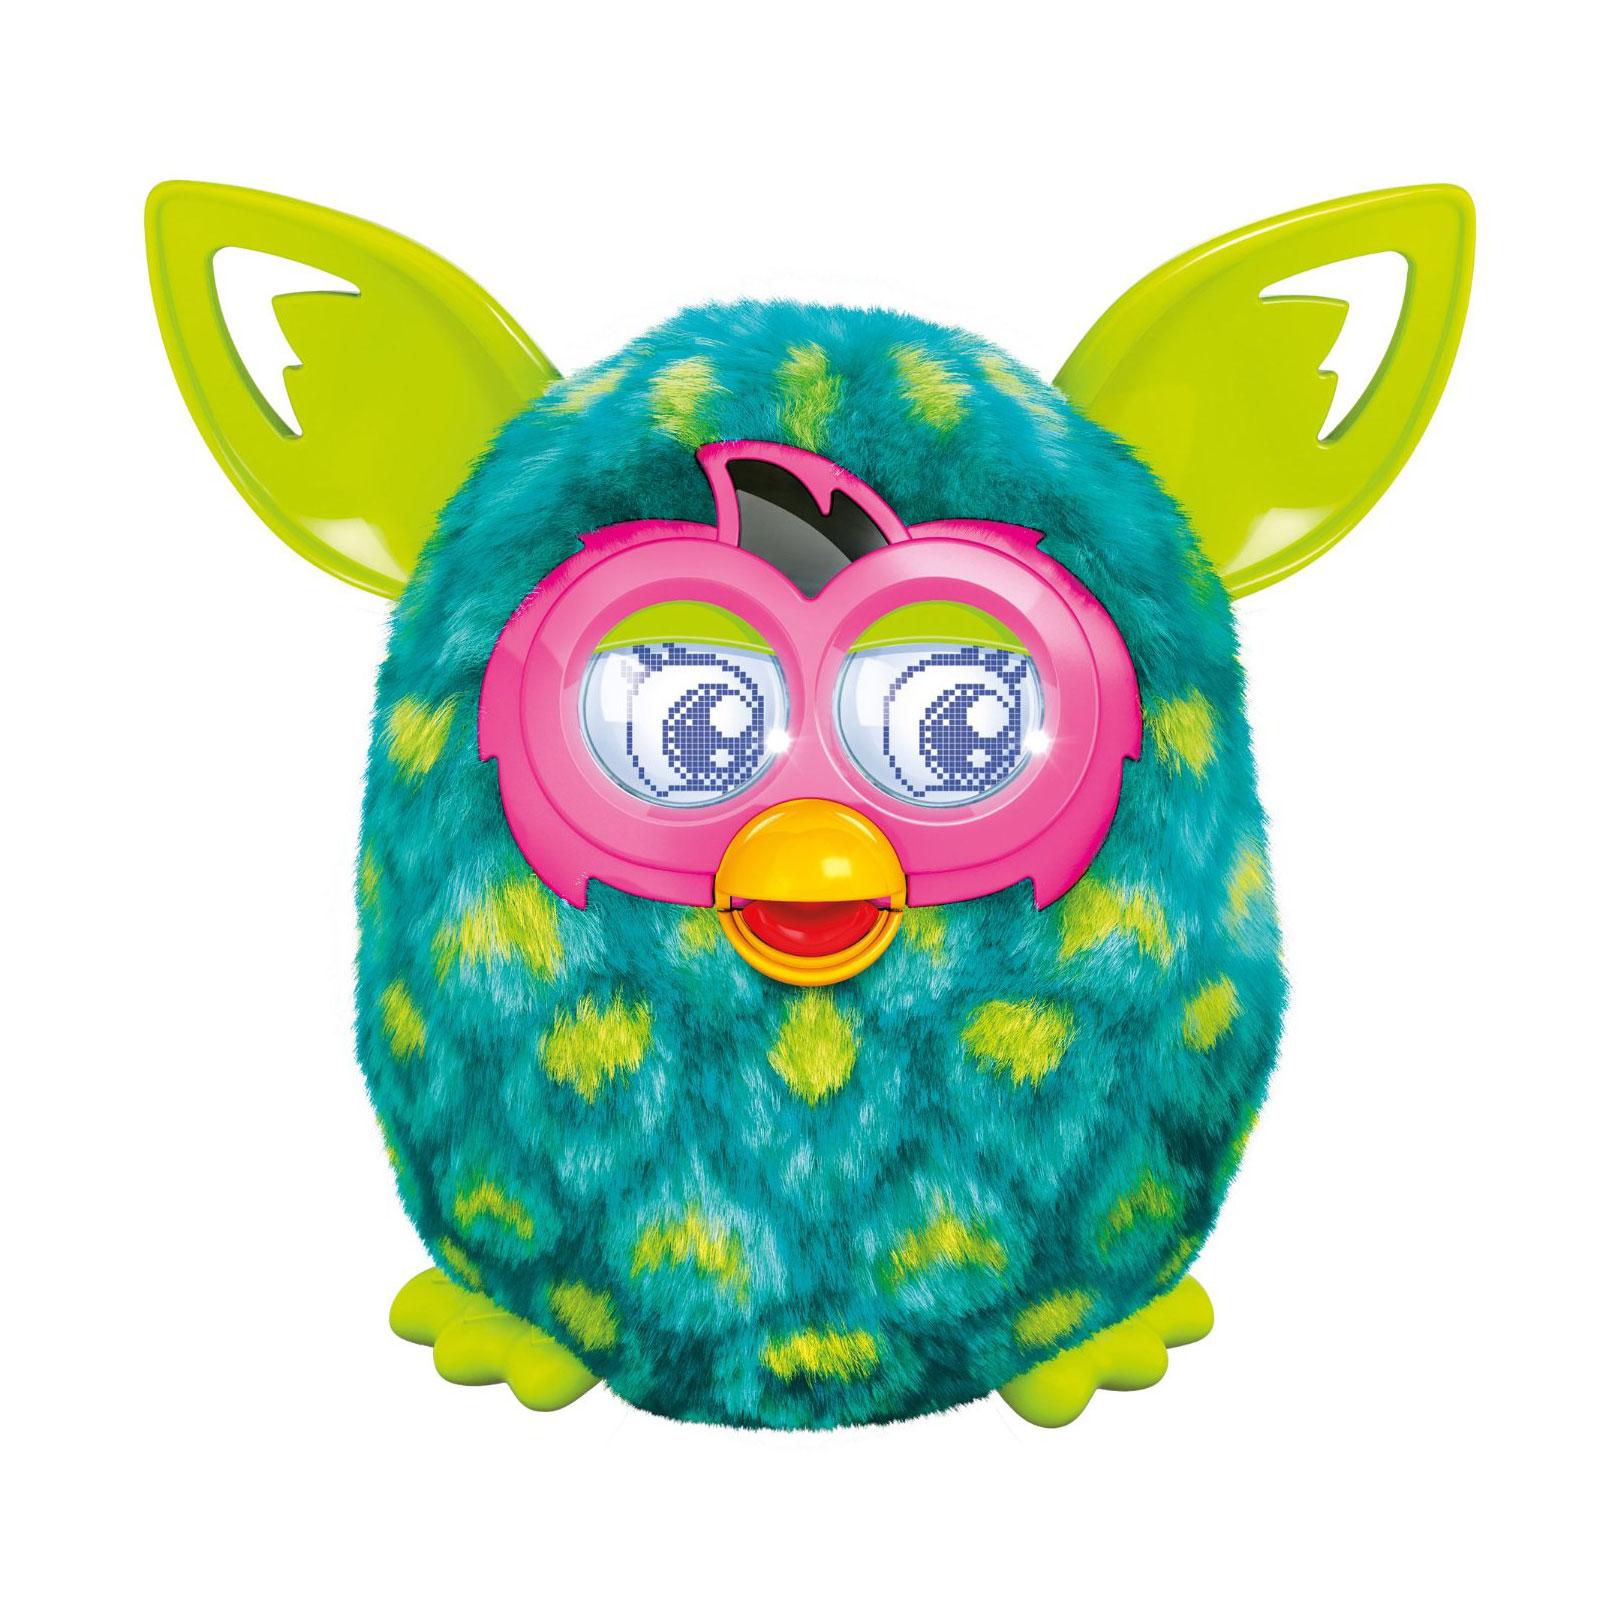 Интерактивная игрушка Furby Boom Солнечная  волна Зеленый в желтый горошек